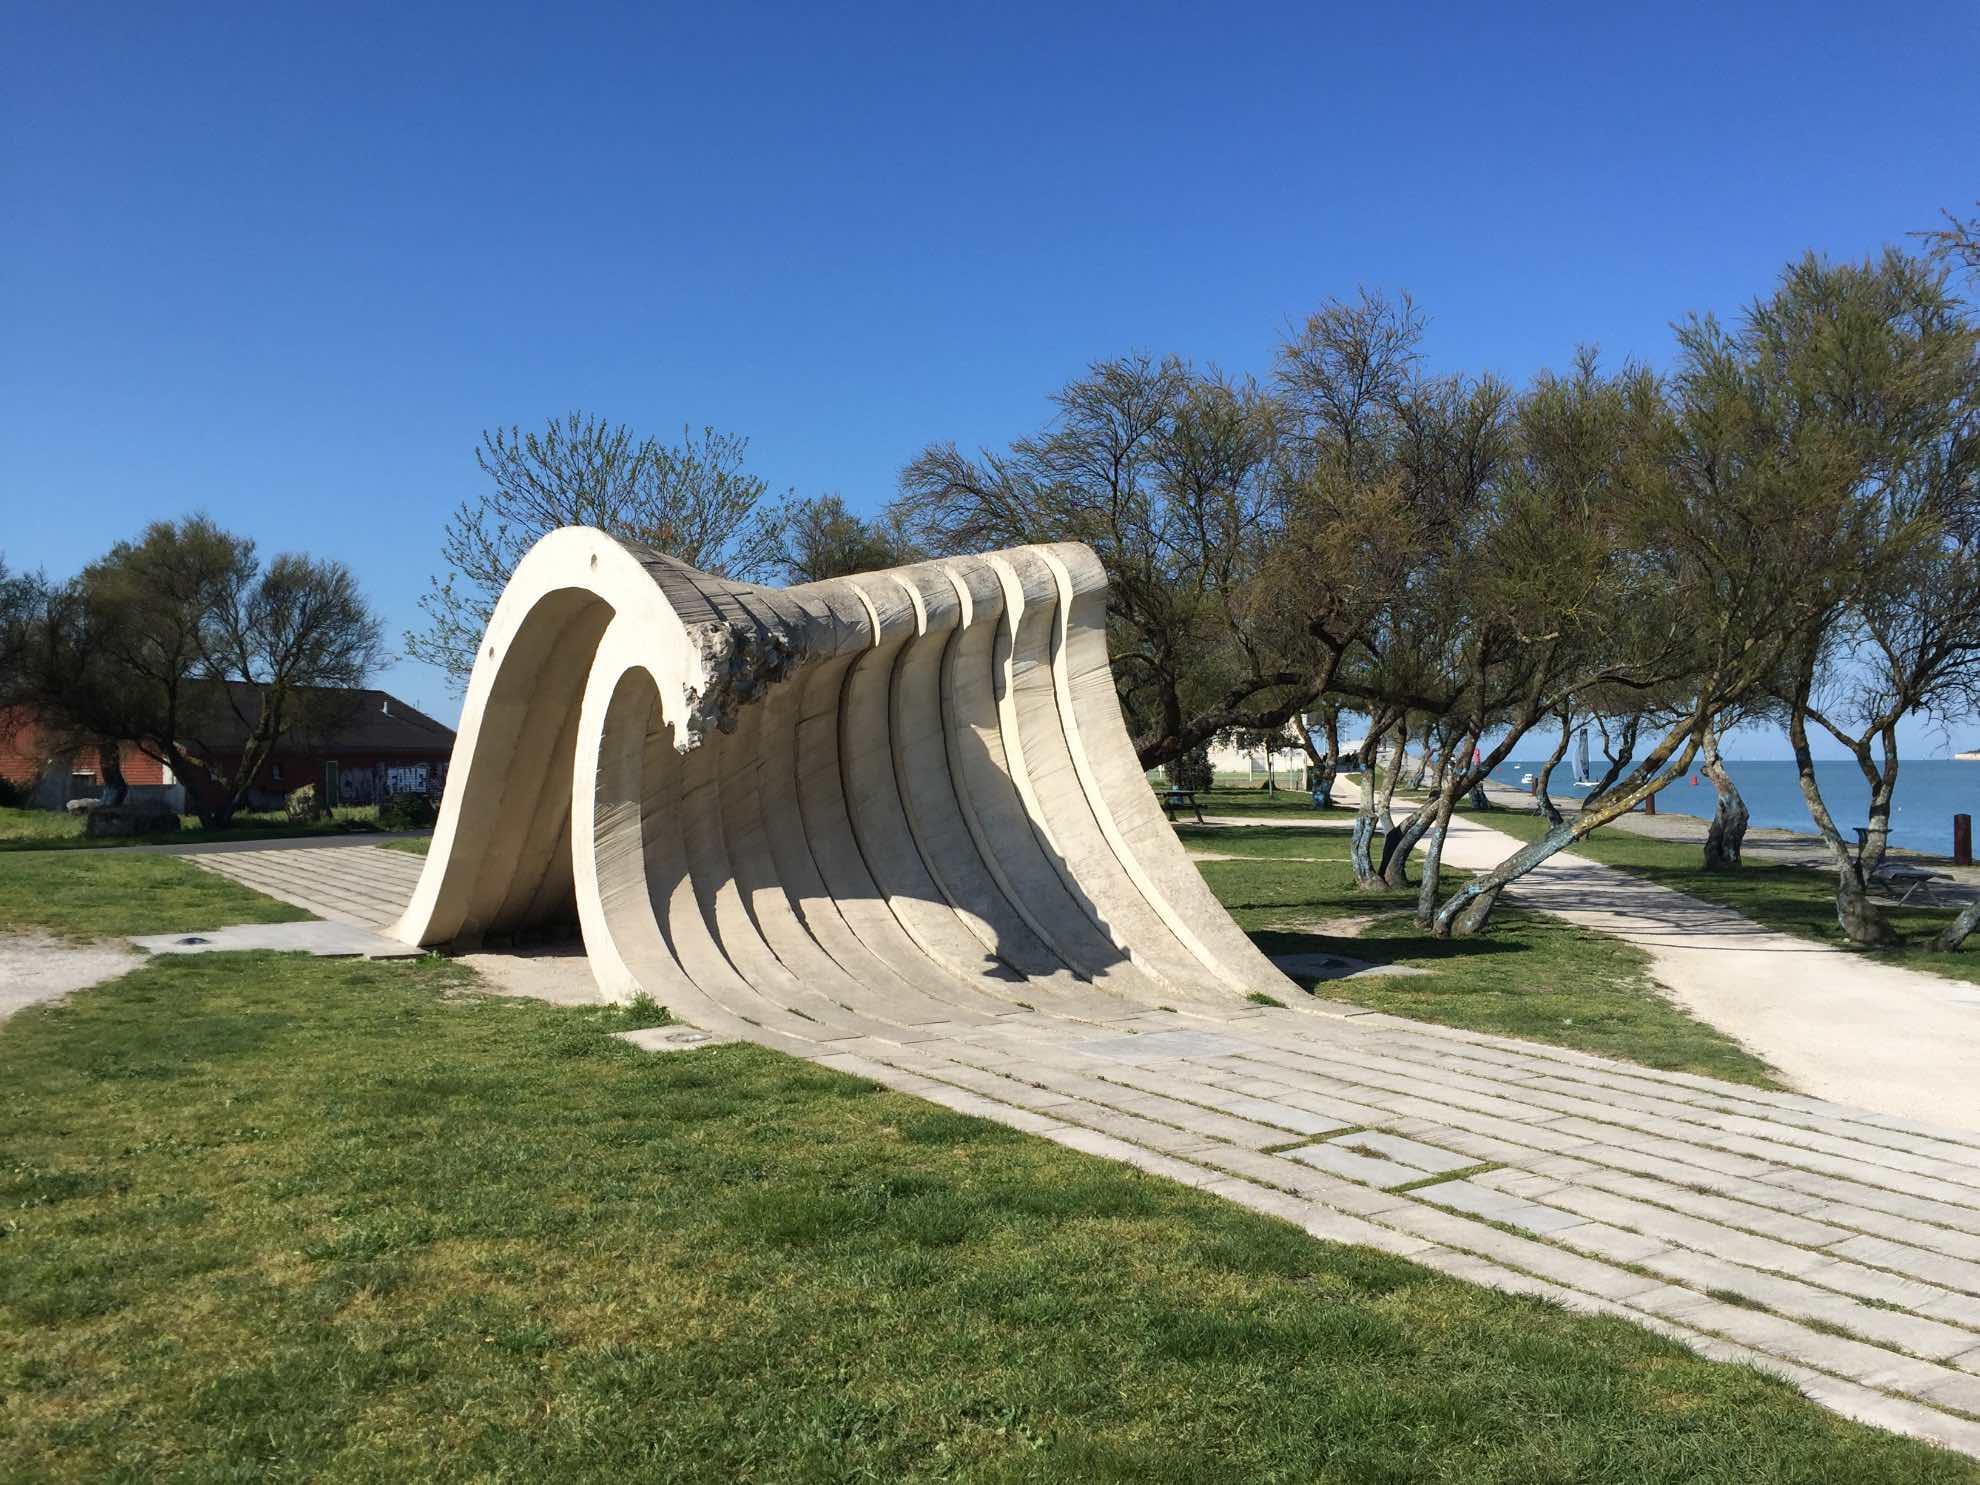 Diese Skulptur ist kein Zufall. Die Atlantikküste kann sehr rau sein und ist bei Seefahrern gefürchtet